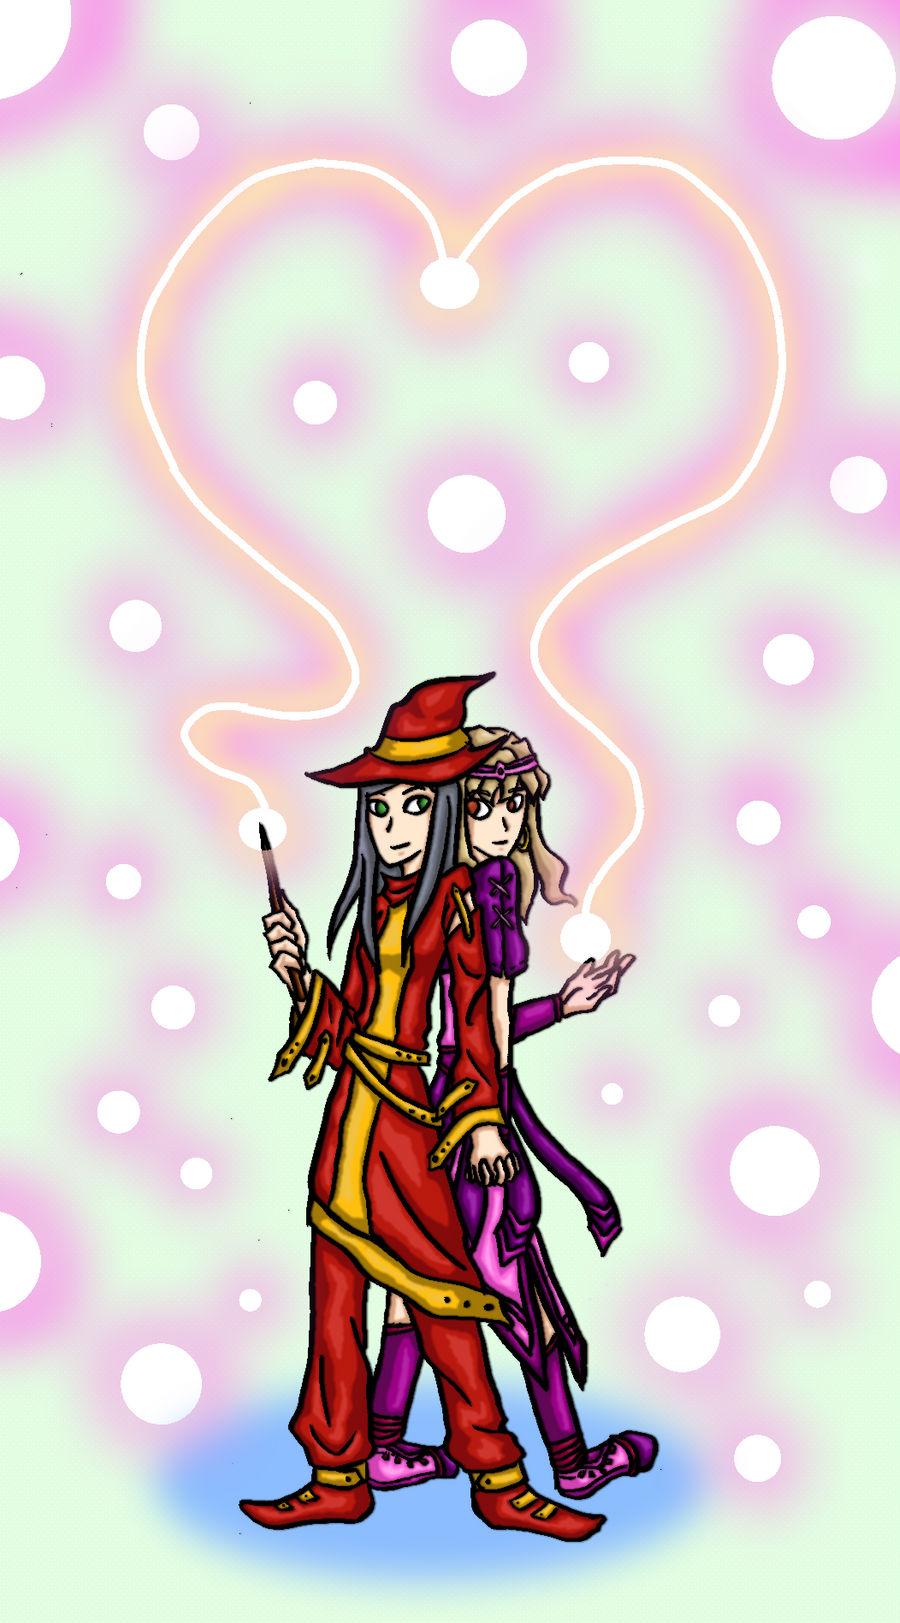 062 - Magic